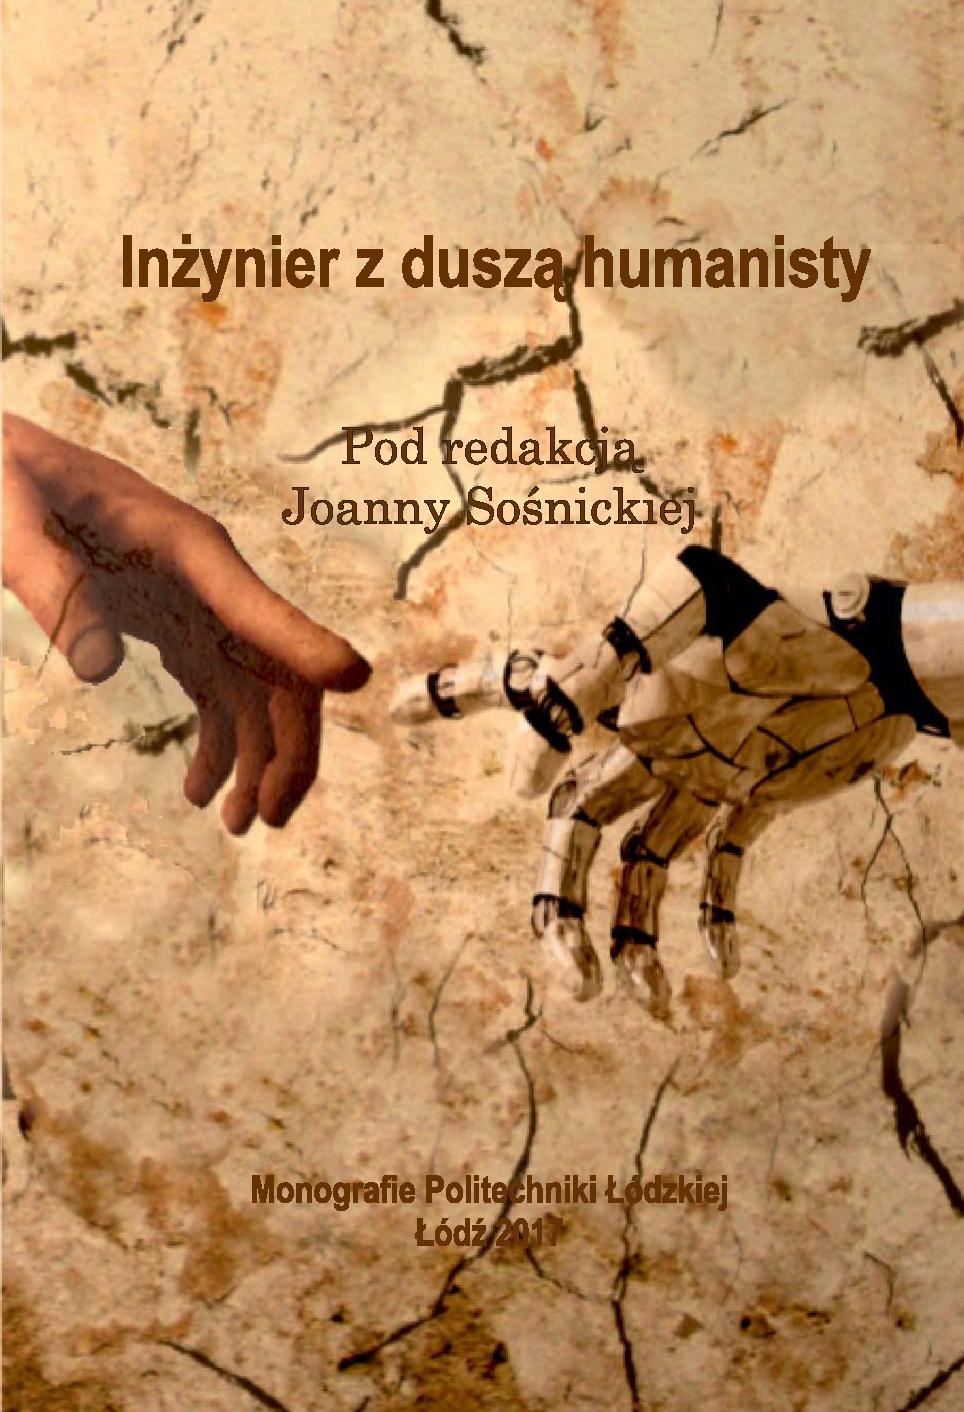 Inżynier z duszą humanisty. Miejsce i rola problematyki humanistycznej w dyskursie politechnicznym